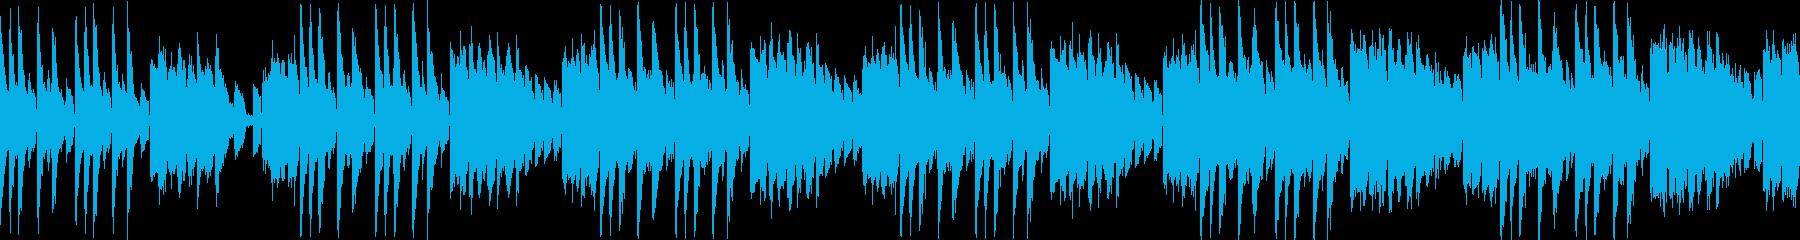 空を駆け巡るみたいな曲(ループ仕様)の再生済みの波形